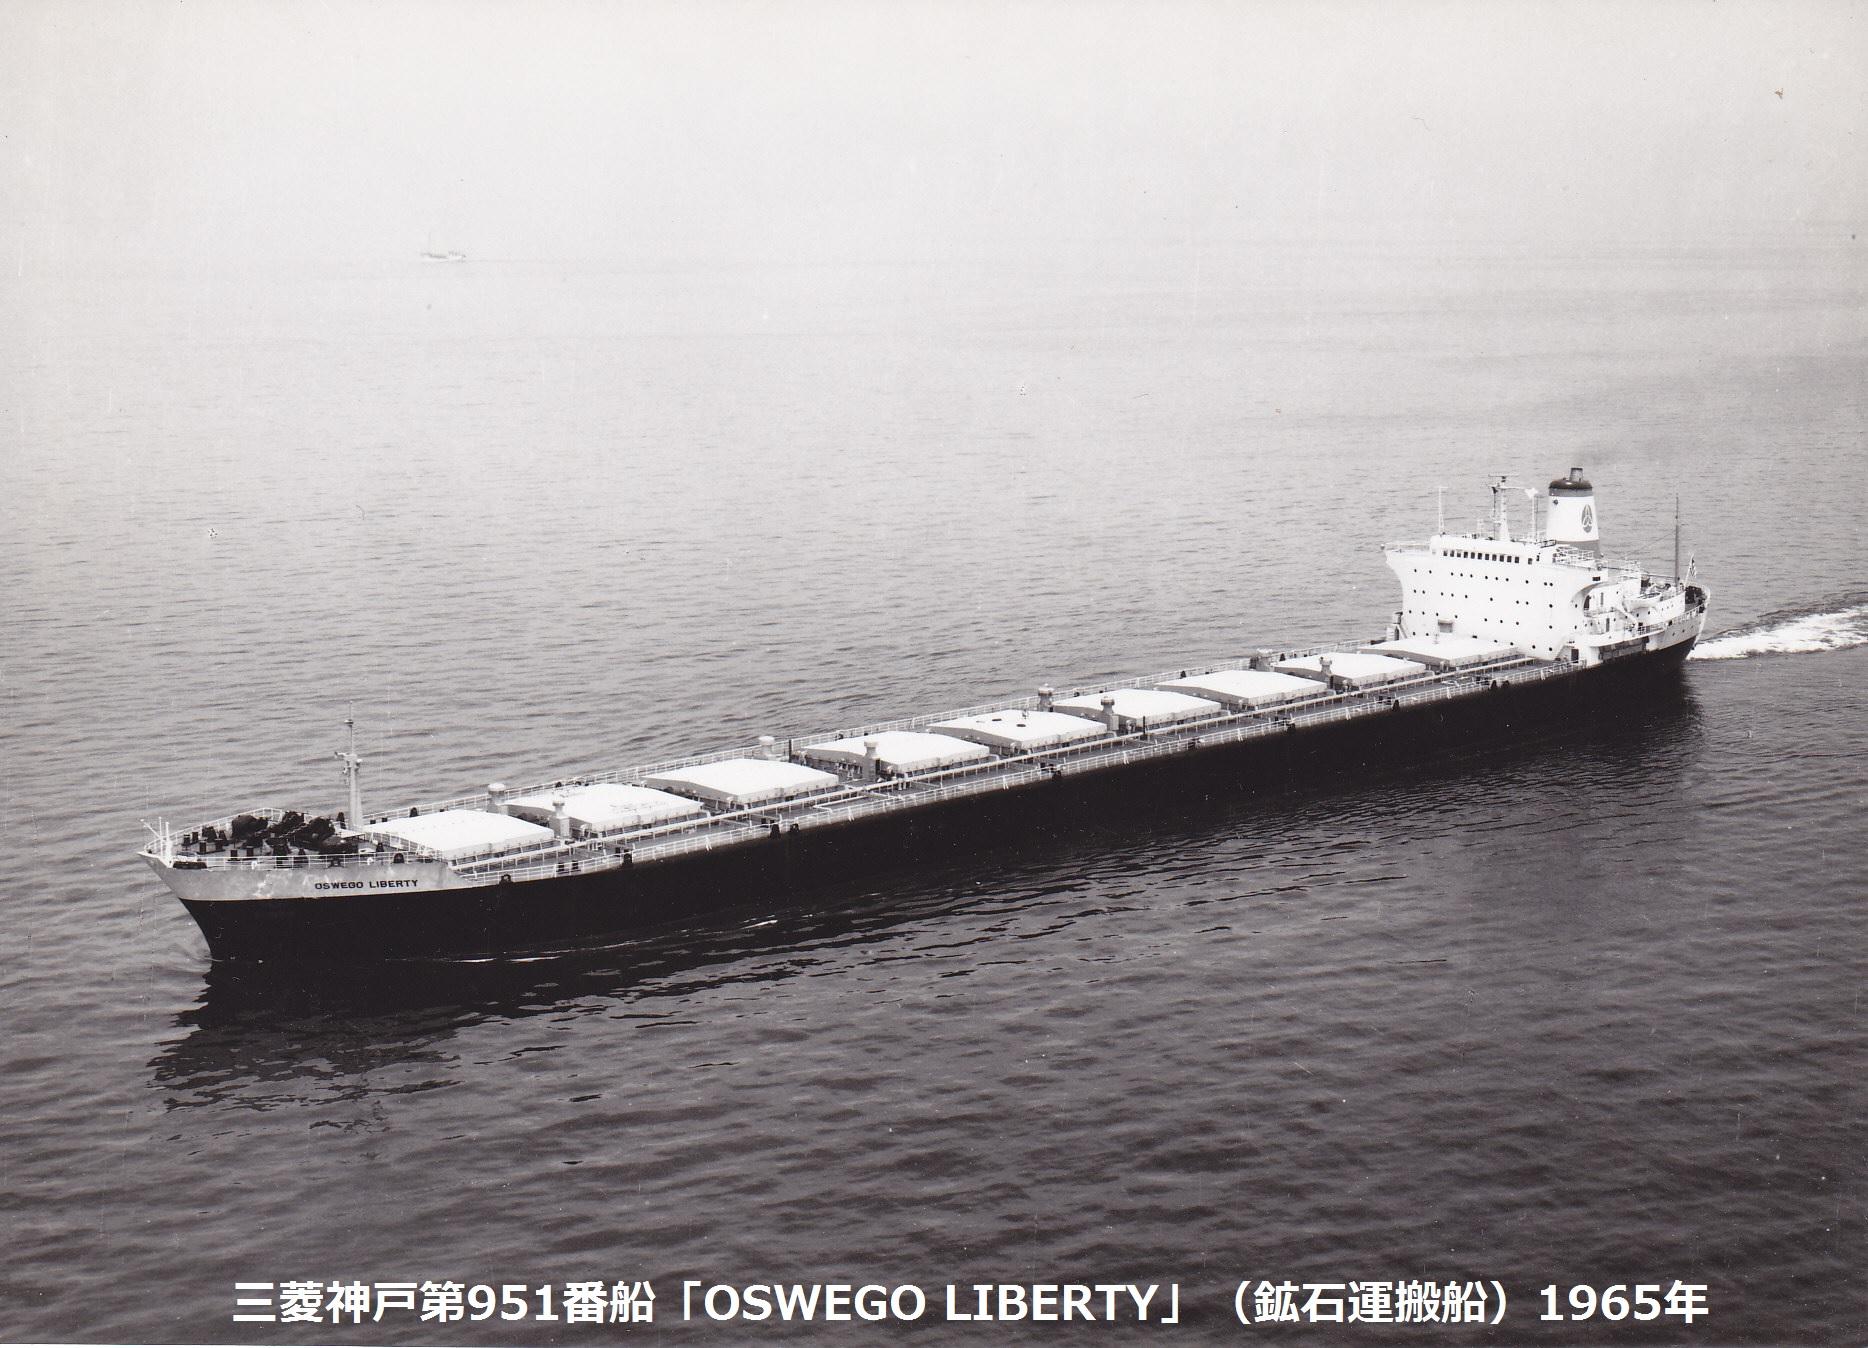 三菱神戸建造船完成写真(その3)   デジタル造船資料館